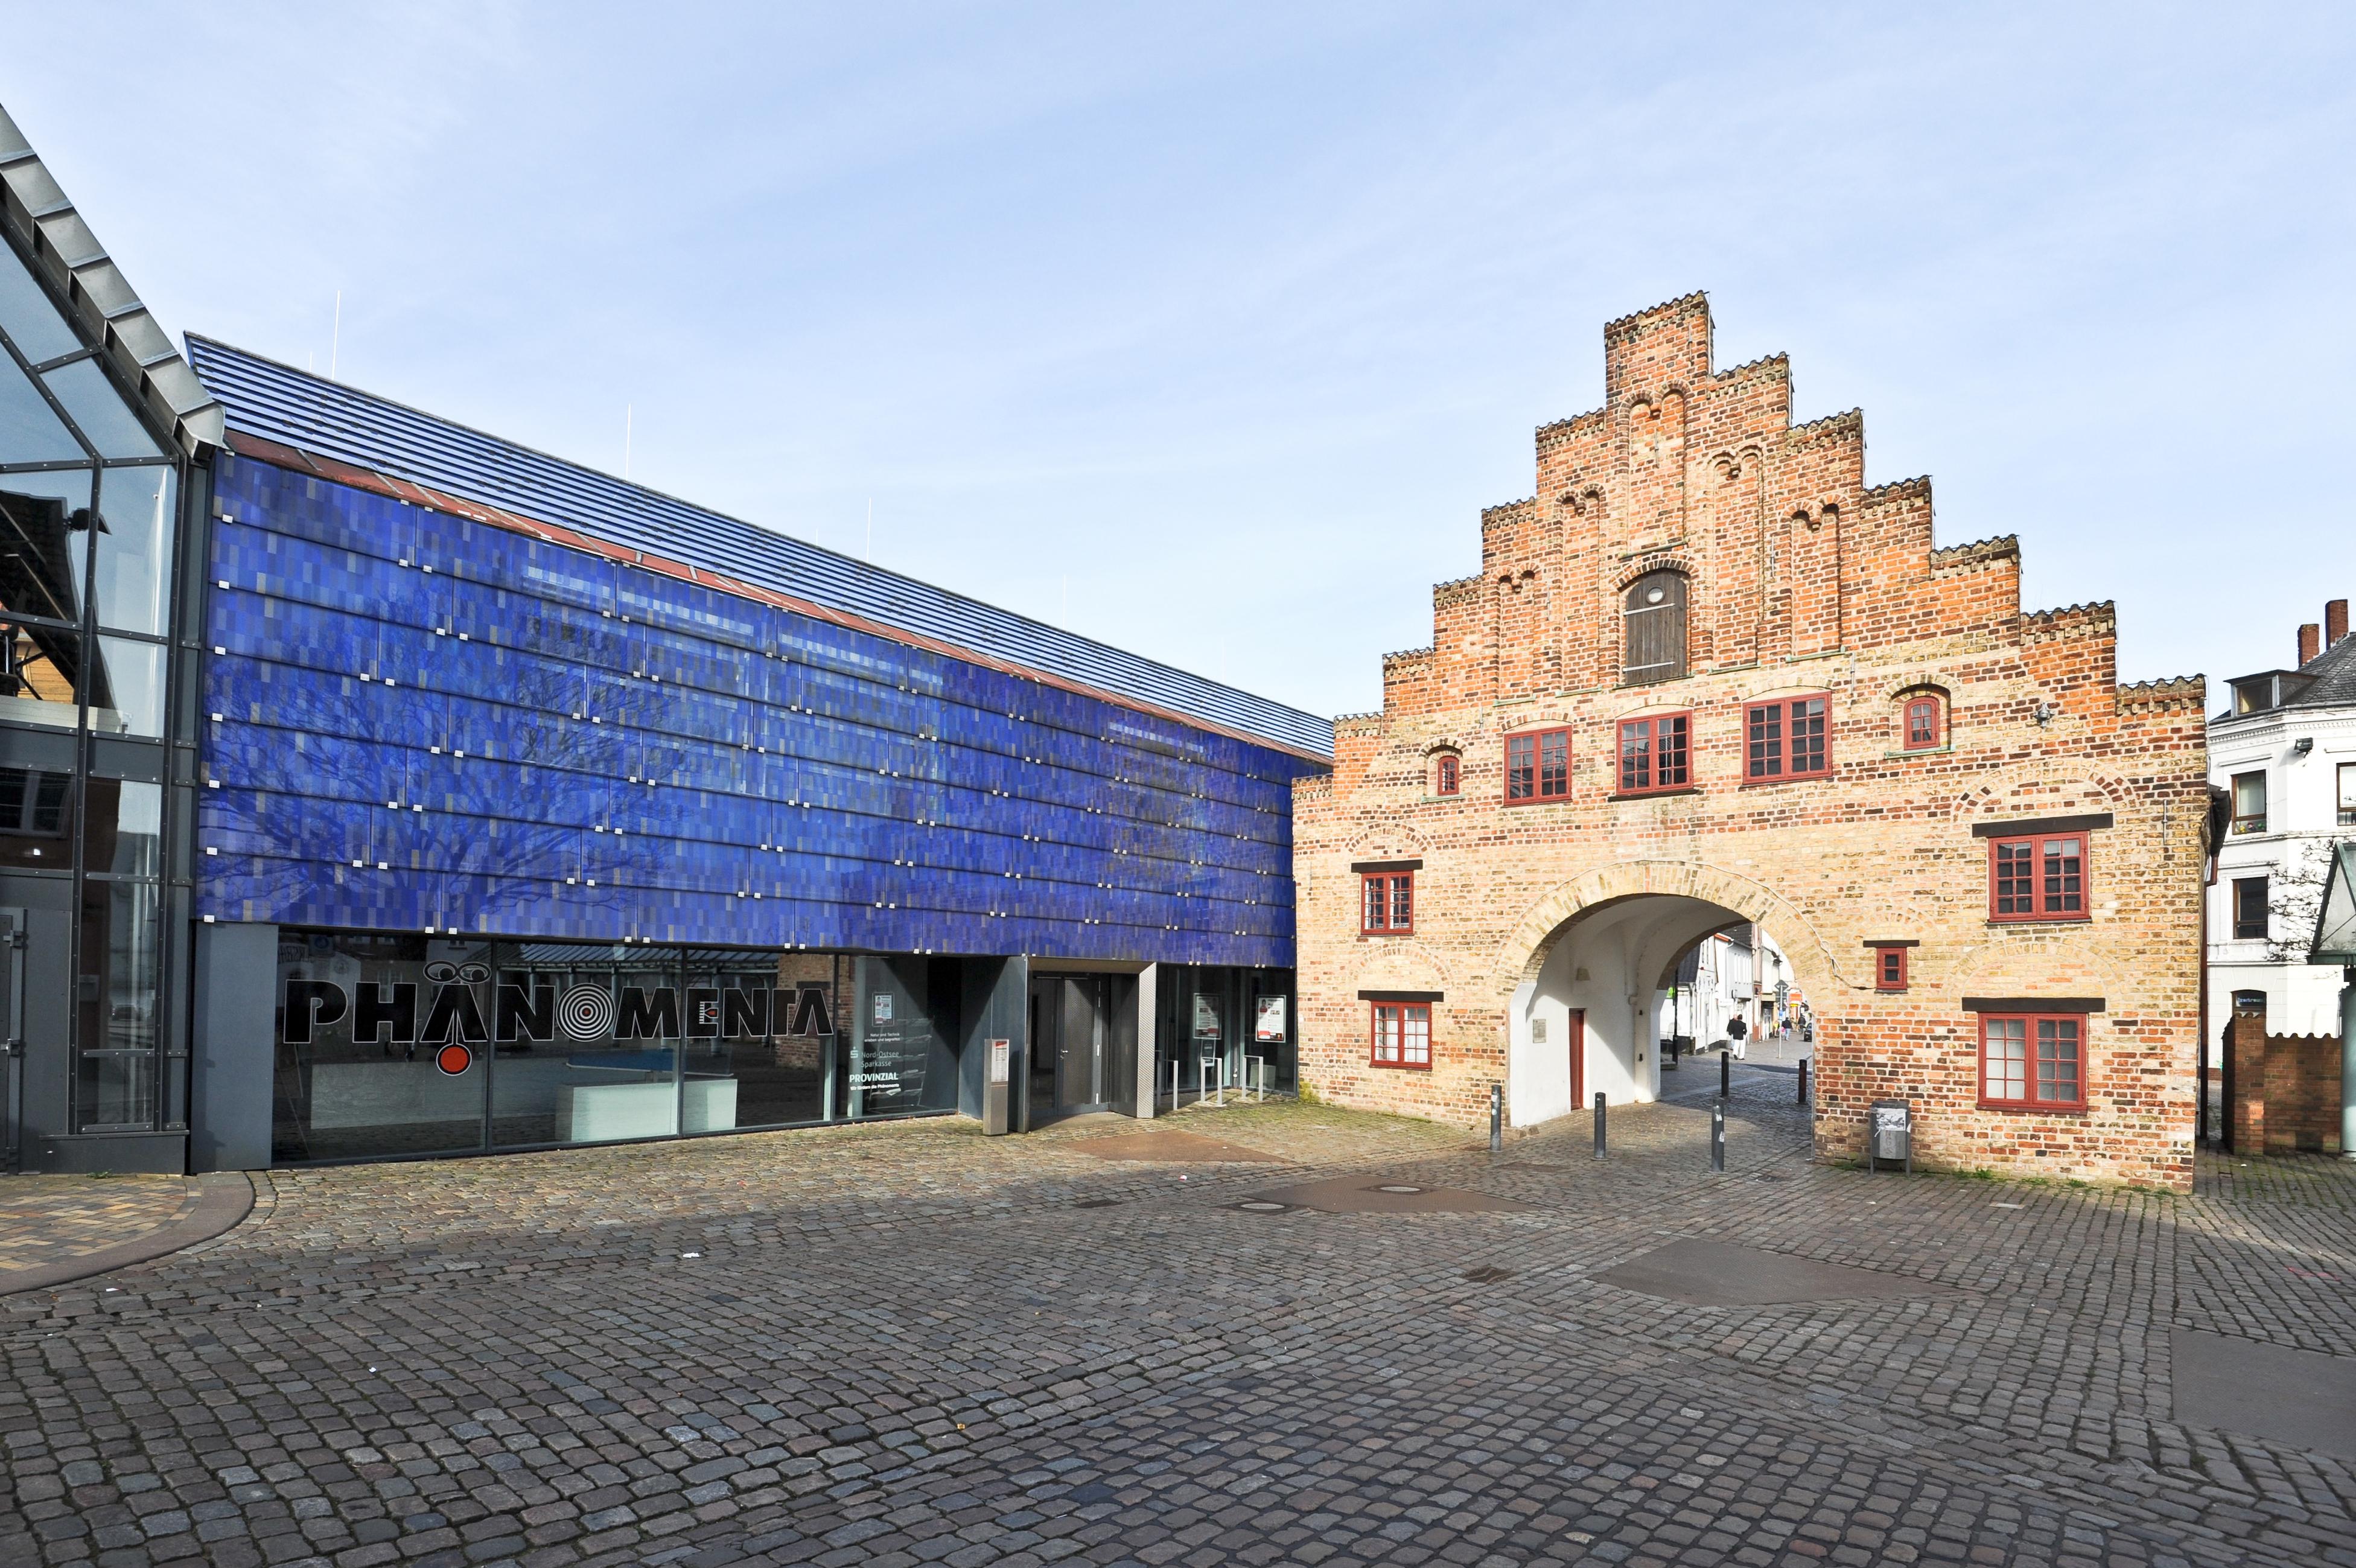 Phänomenta Flensburg